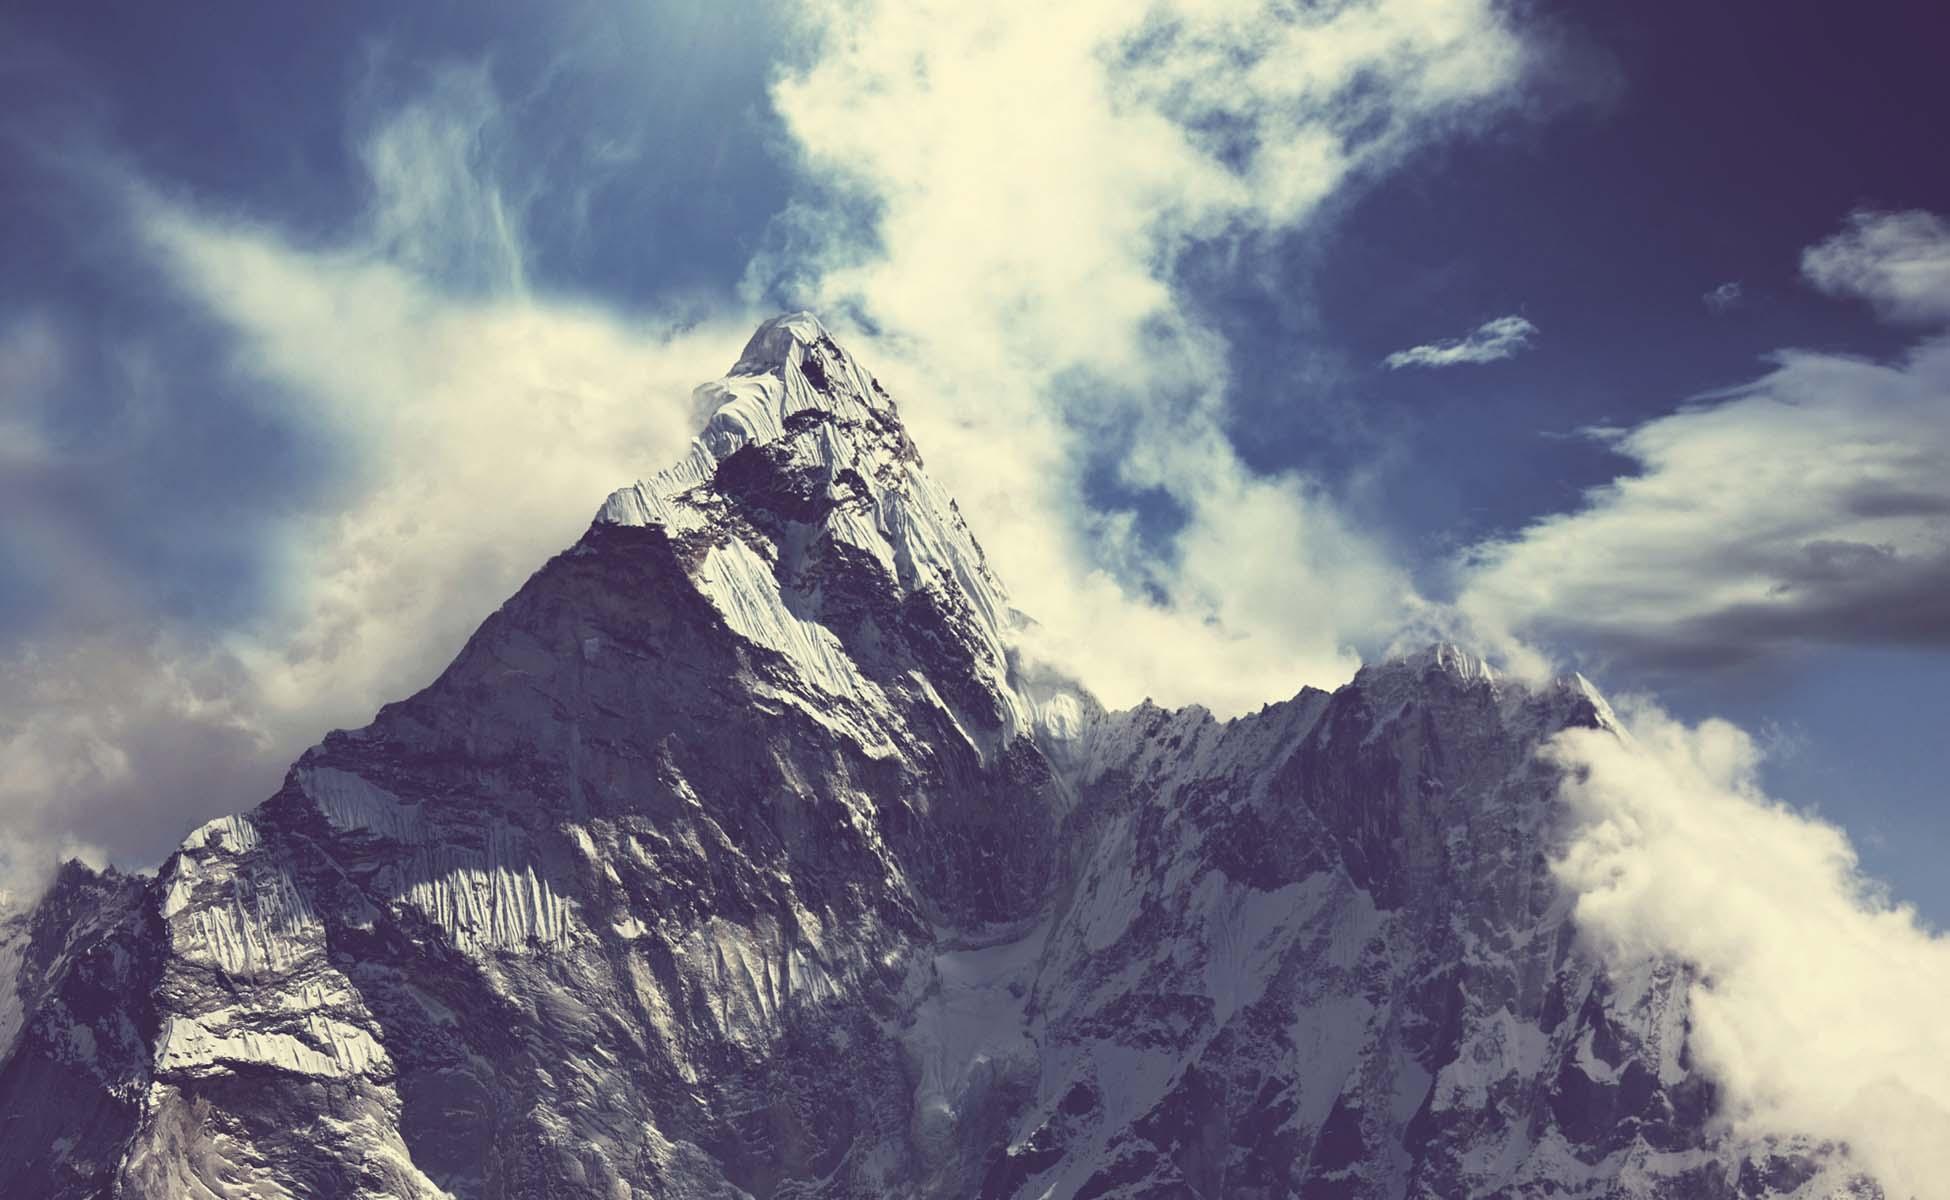 bjerglandskab omringet af skyer og blå himmel